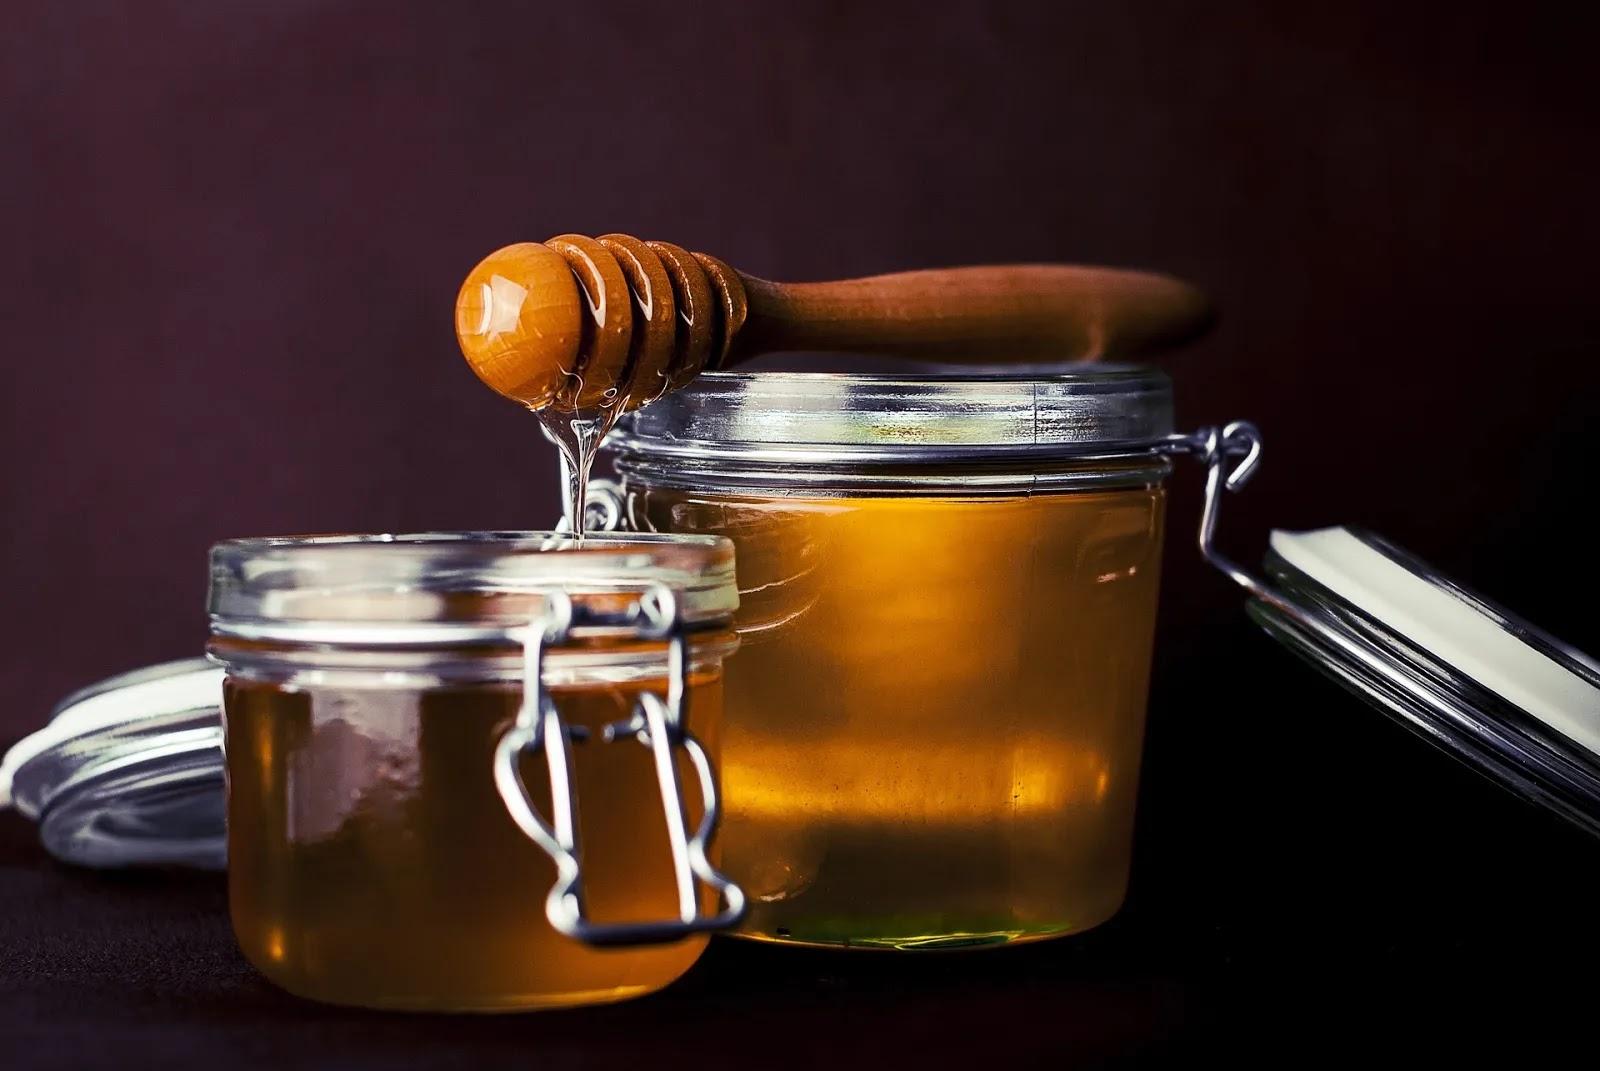 العلاج بالعسل جميع الامراض المستعصية [ علاج للسرطان ]